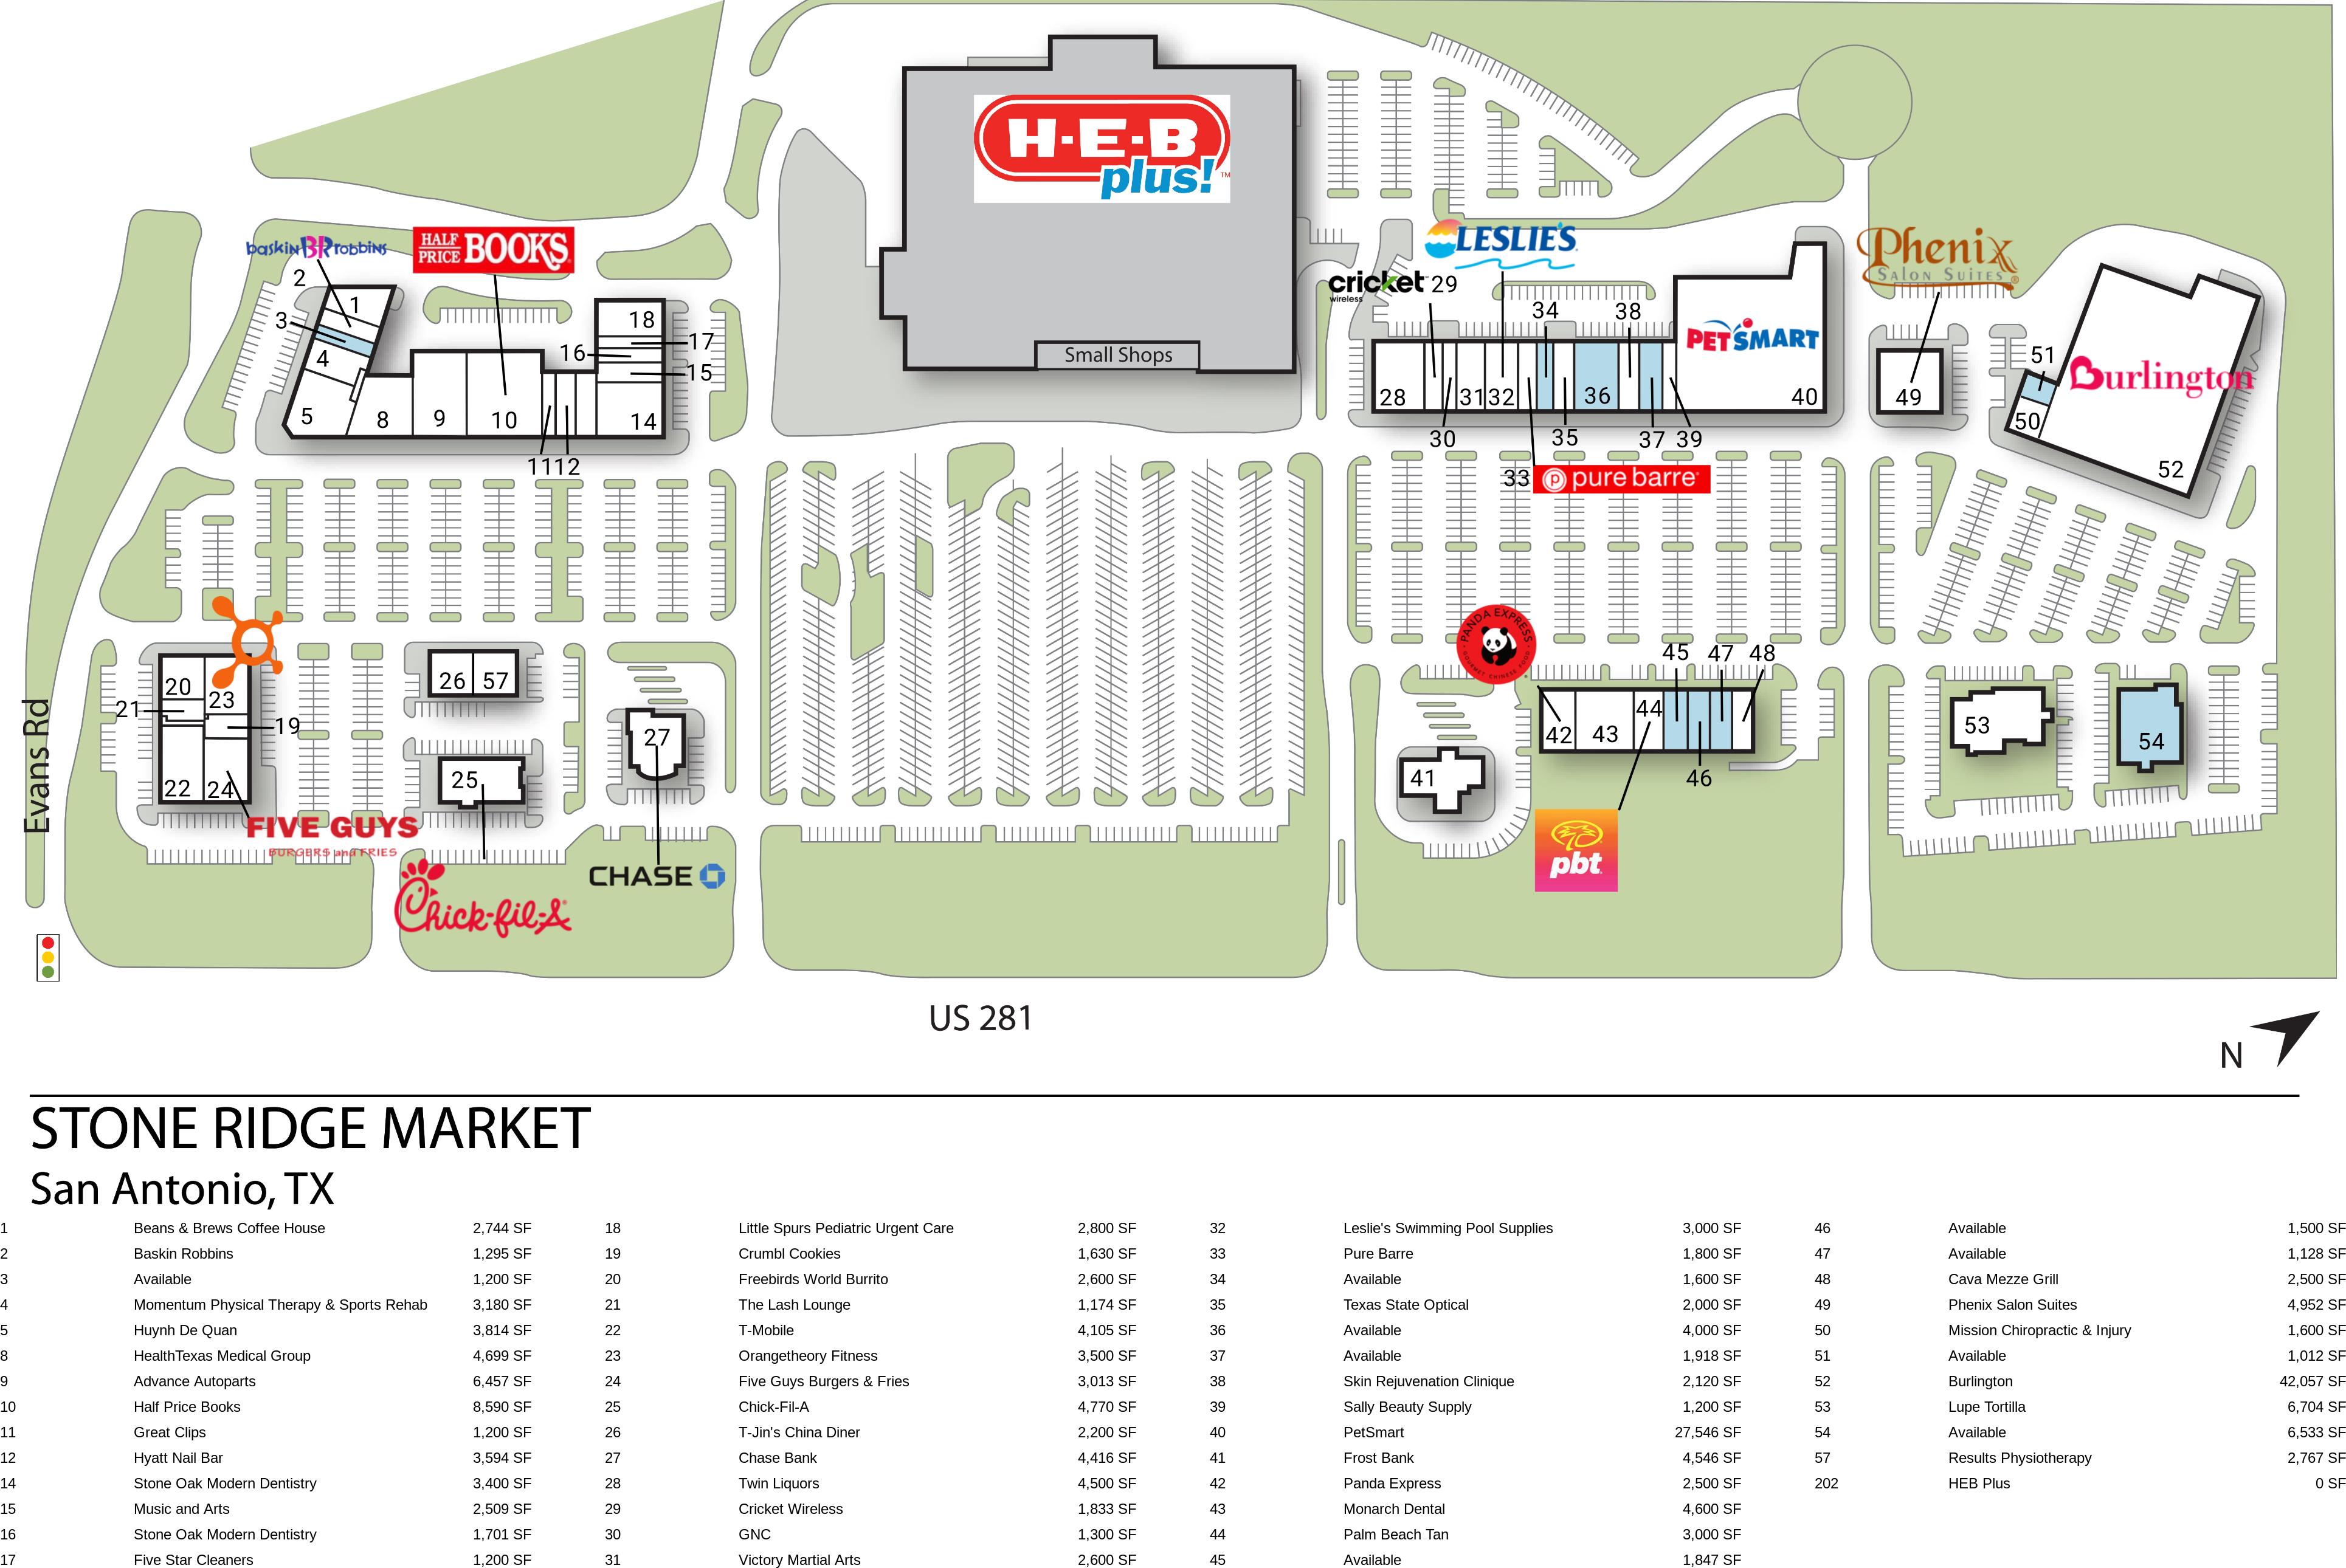 San Antonio TX: Stone Ridge Market - Retail Space - InvenTrust